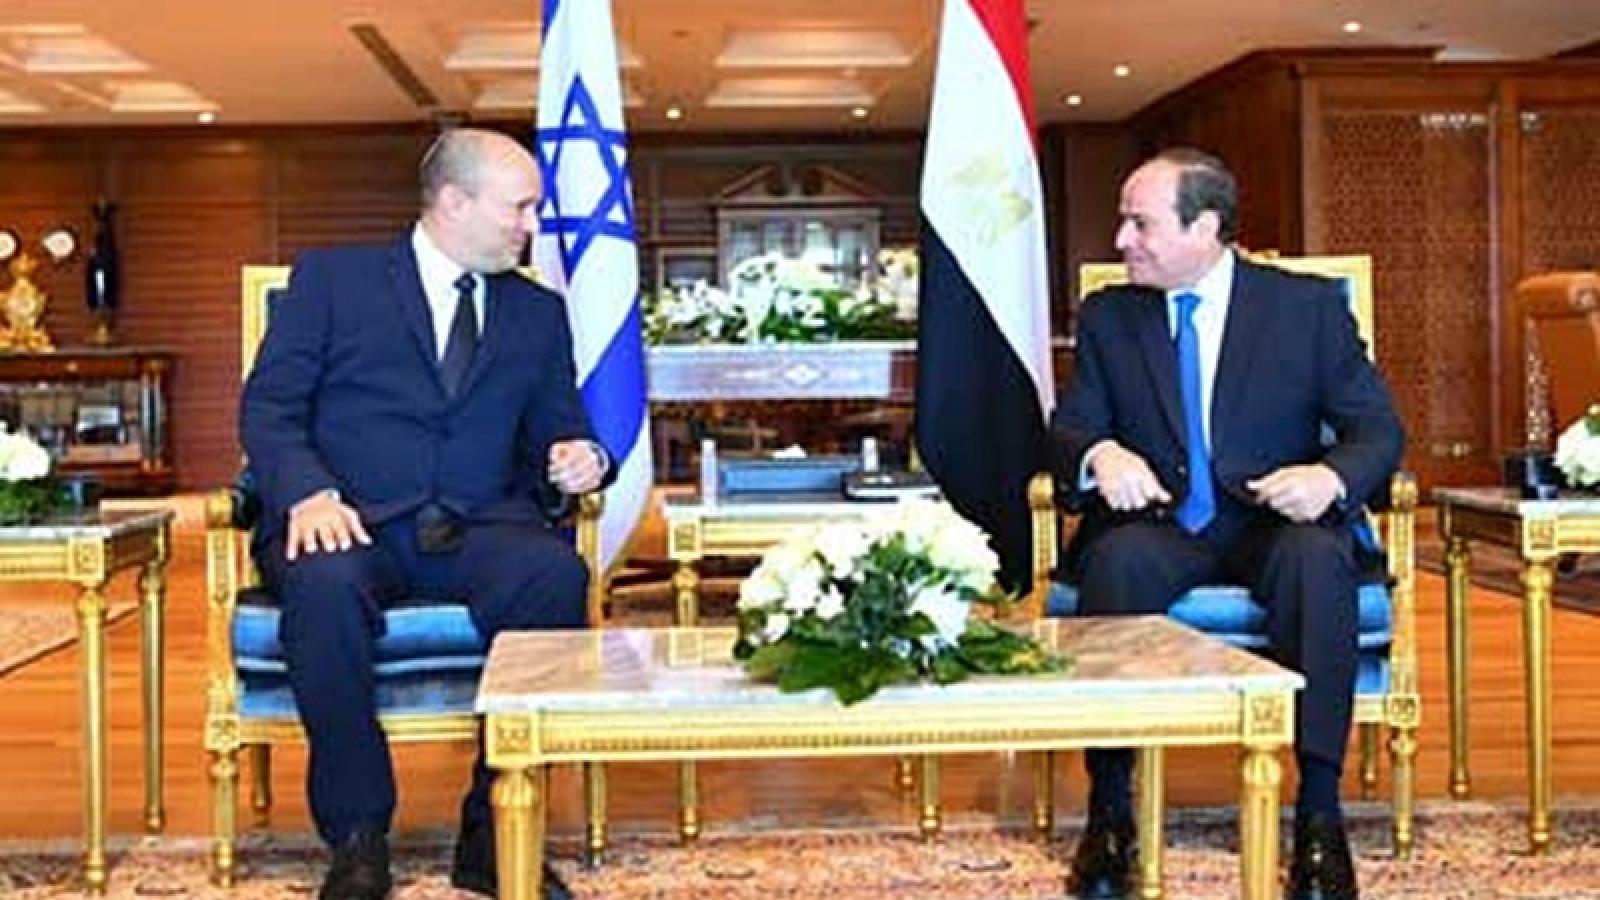 Ai Cập và Israel quan hệ nồng ấm, Ai Cập ủng hộ giải pháp 2 nhà nước